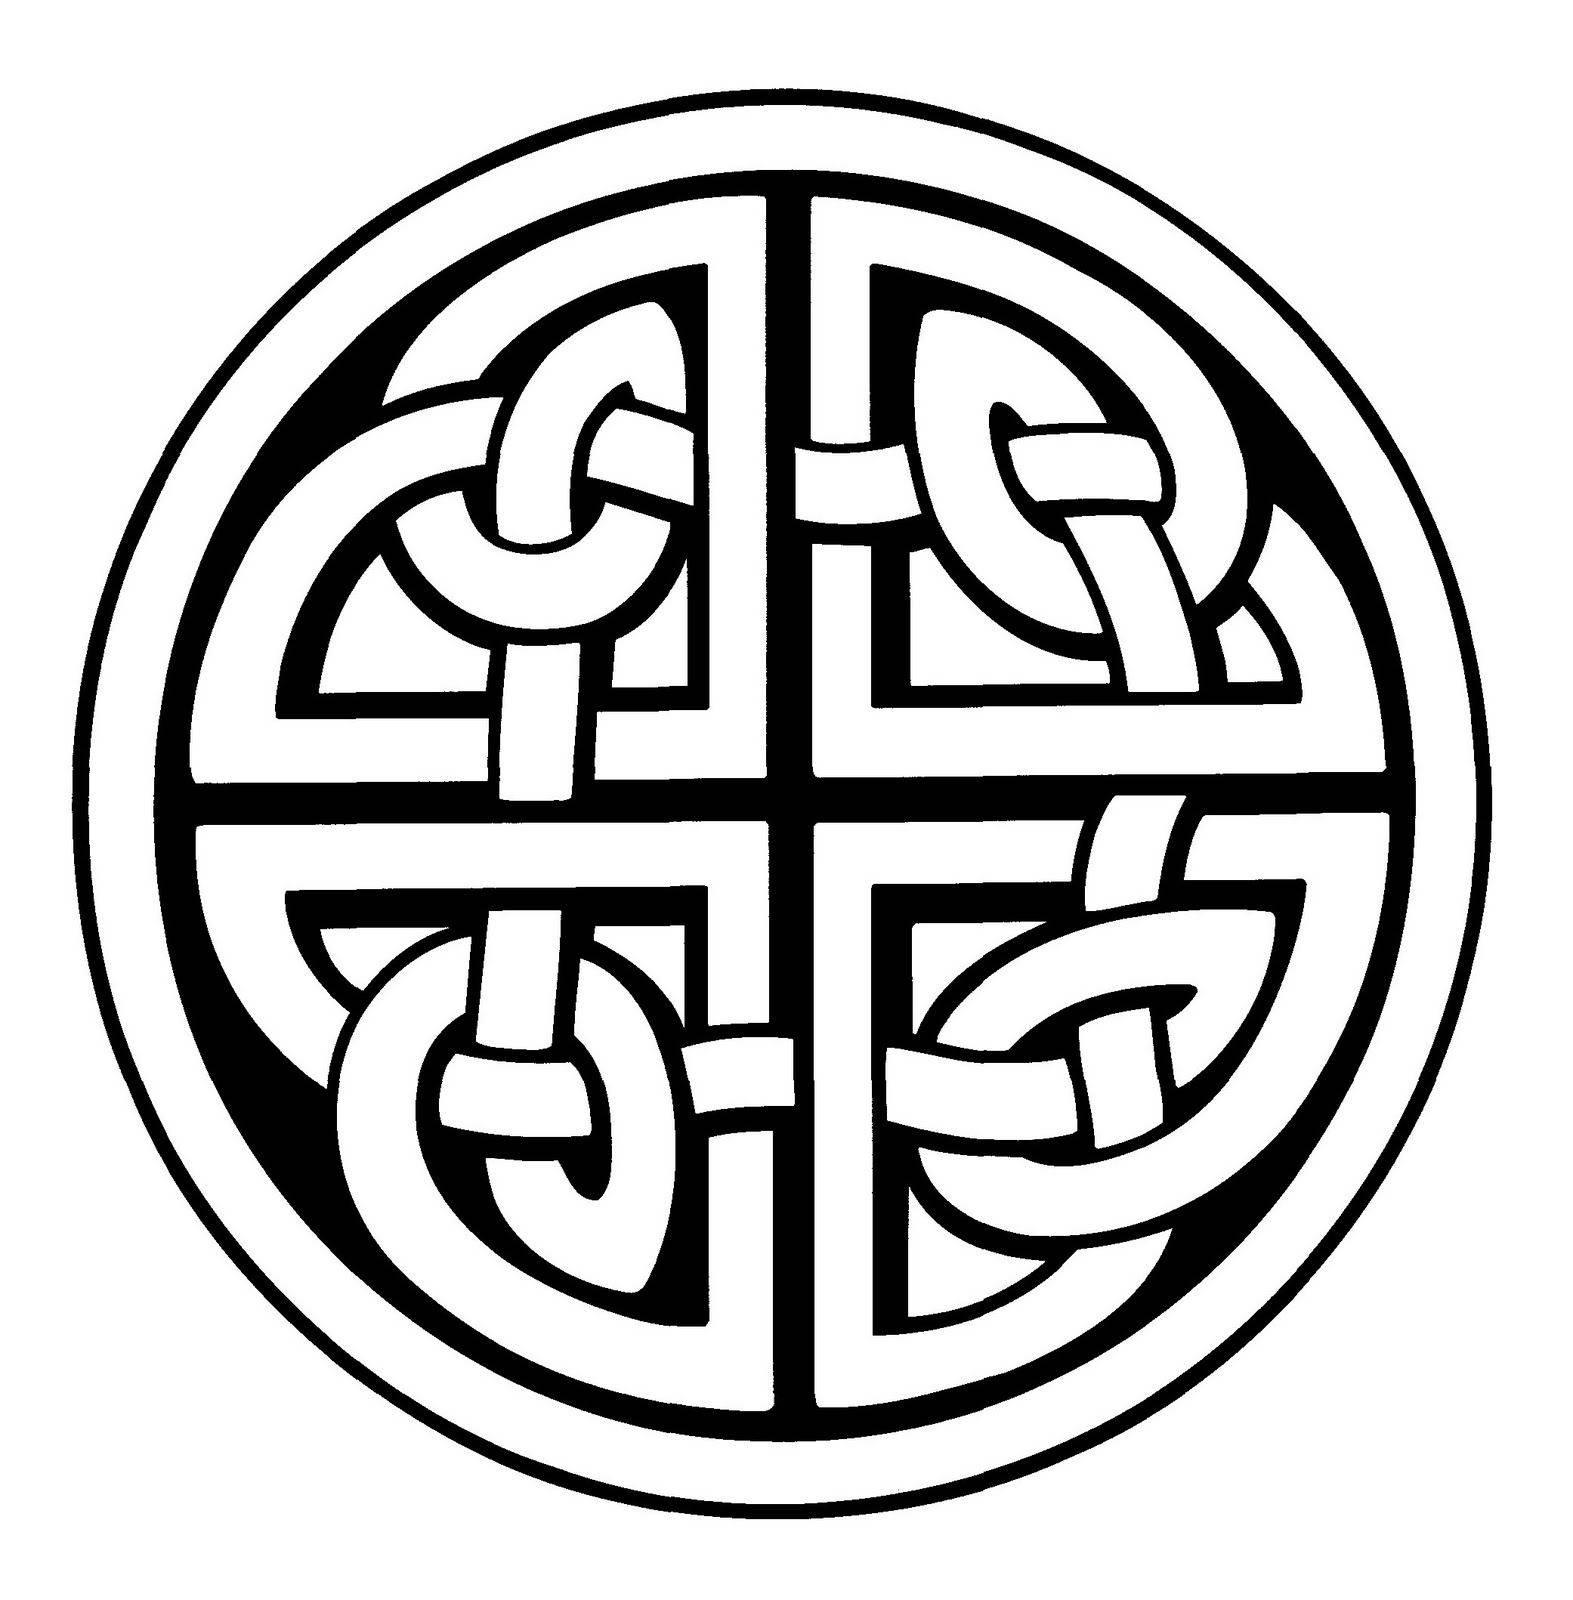 Кельтский узел: значение, разновидности и процесс создания